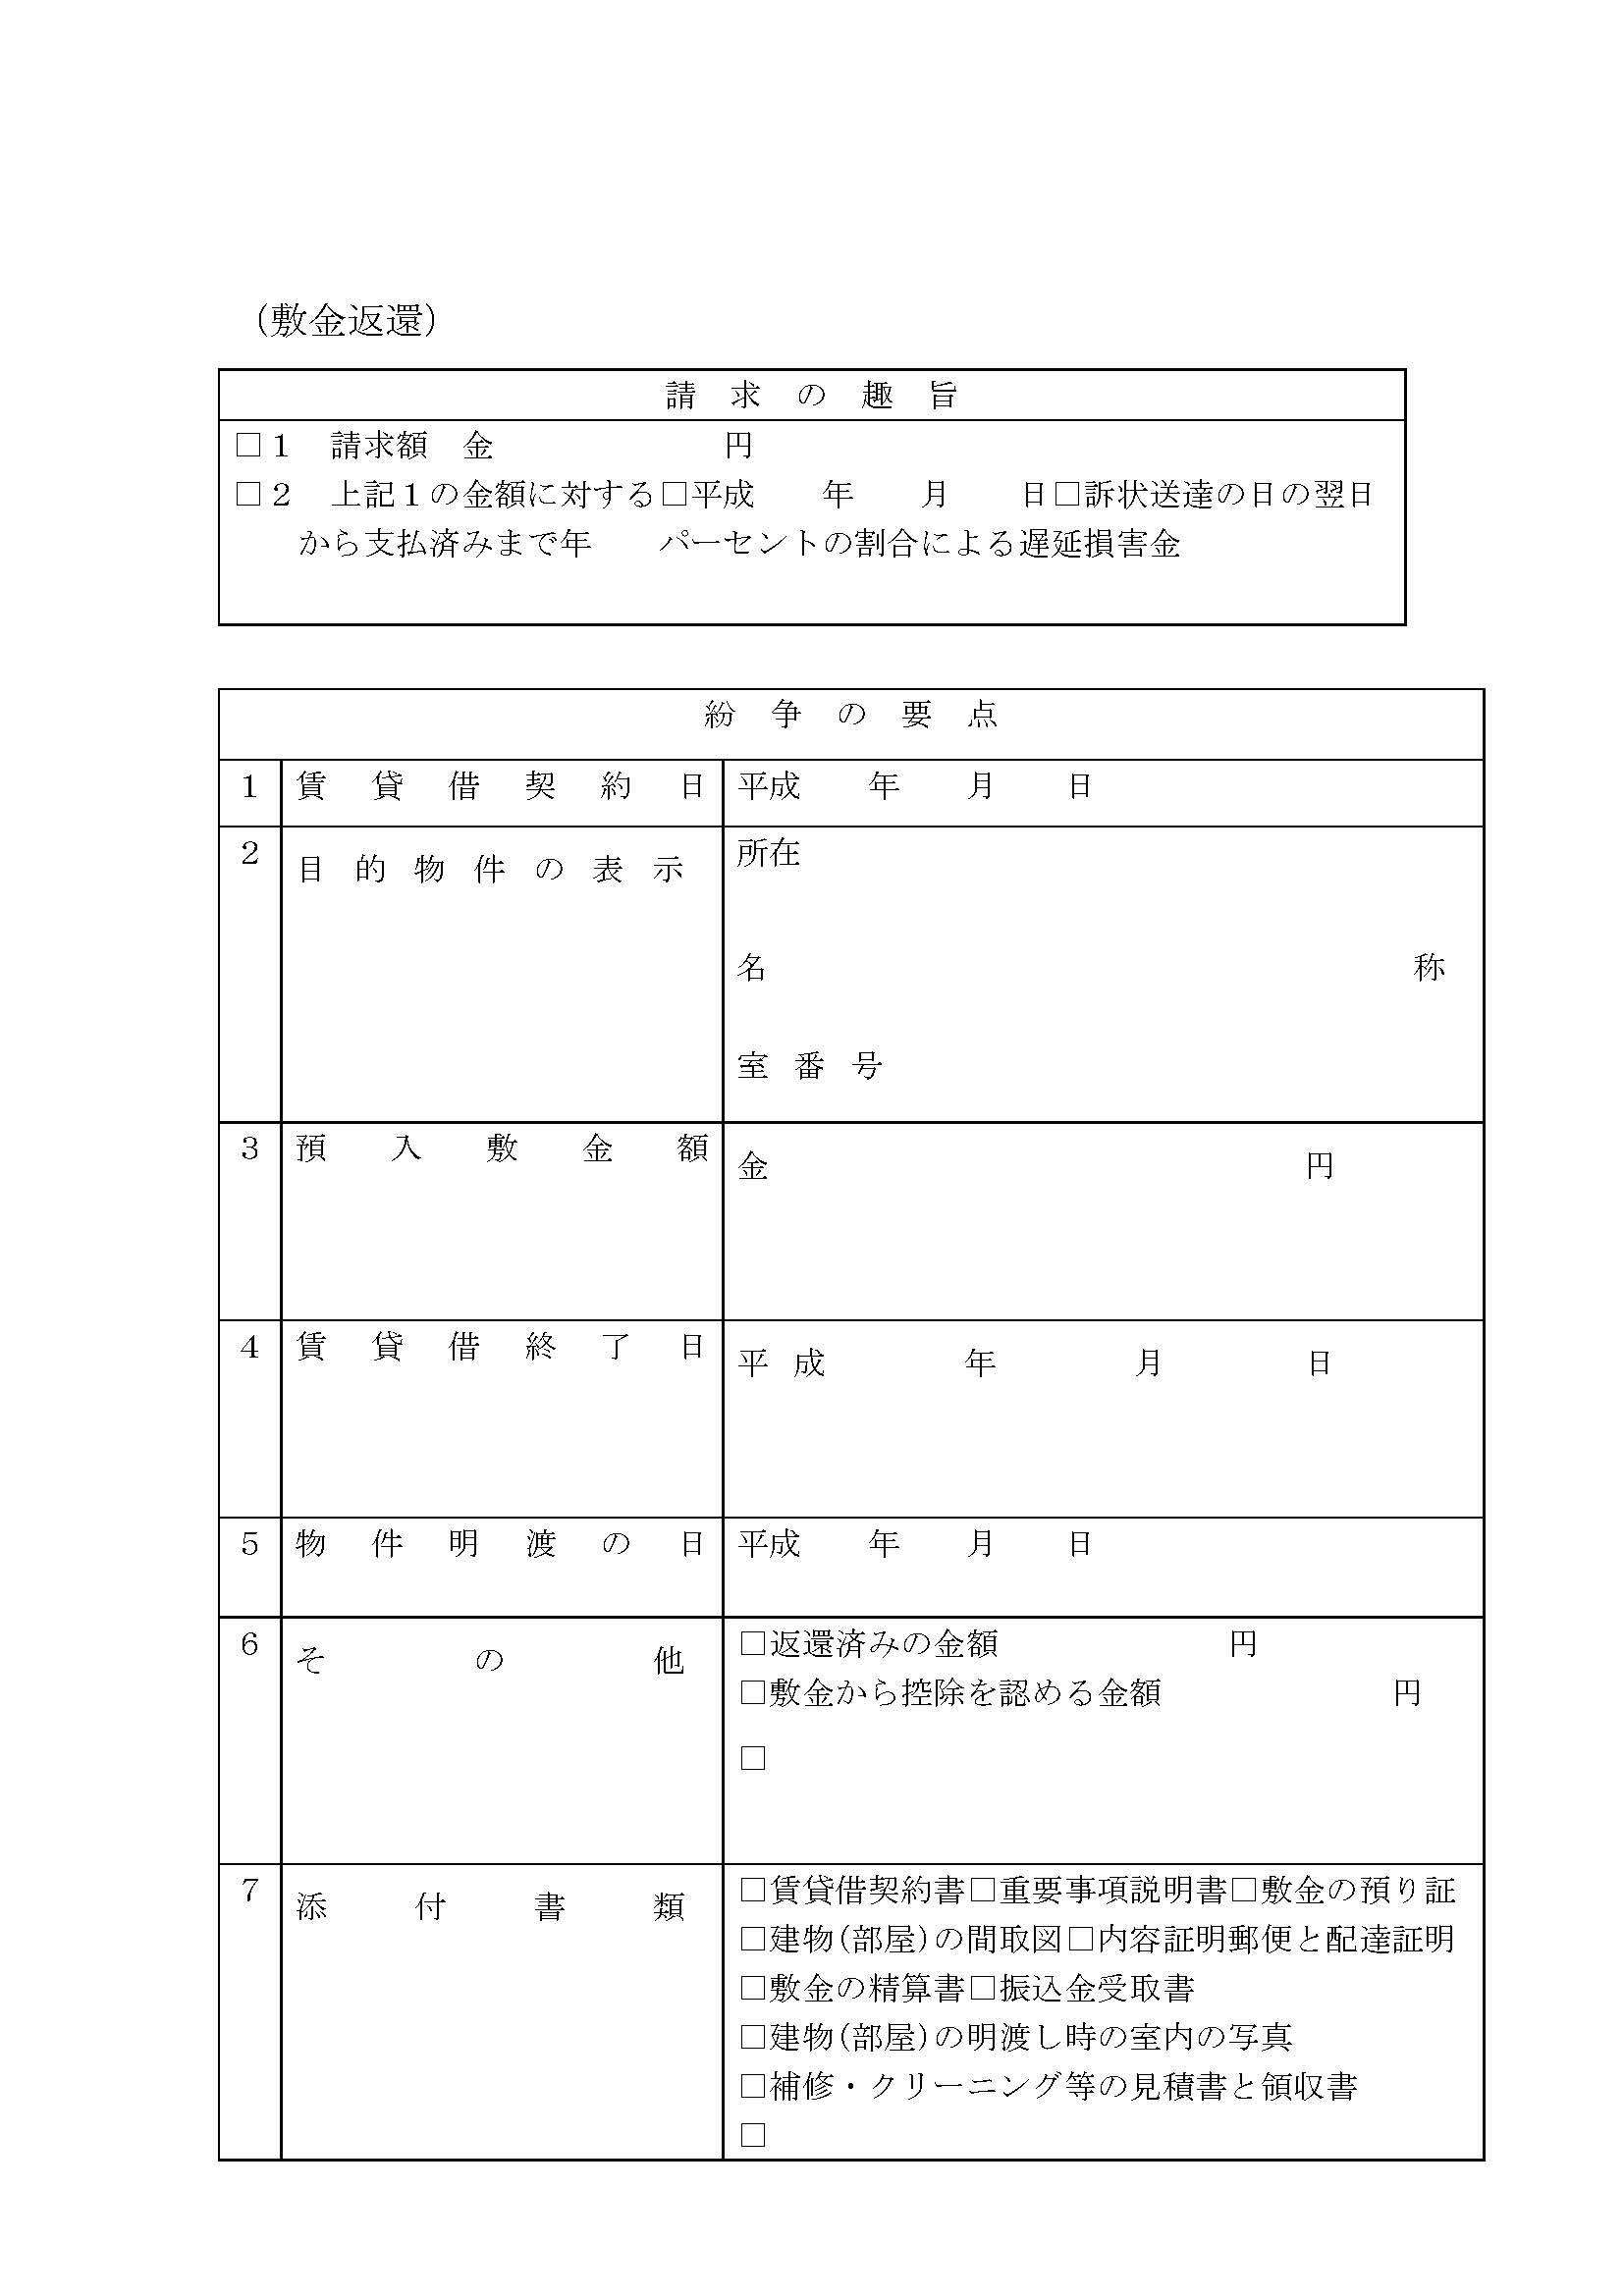 訴状 書式 word